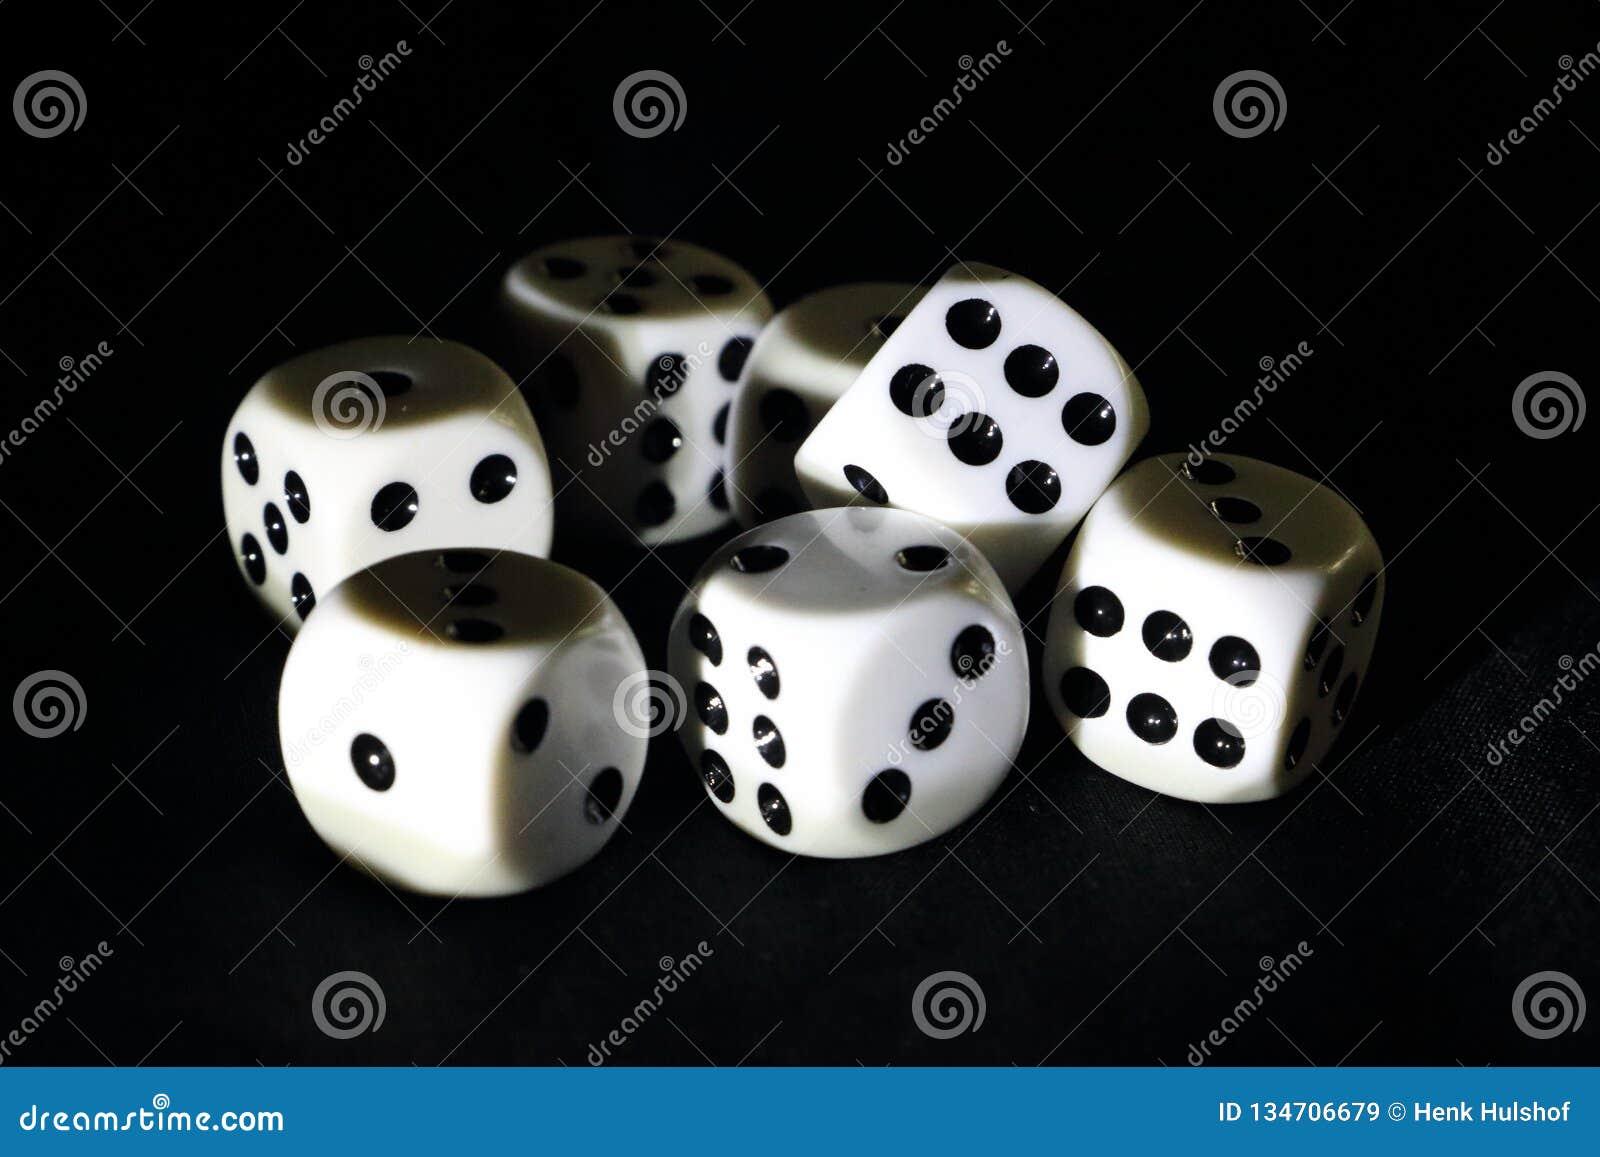 Corte en cuadritos para jugar a un juego